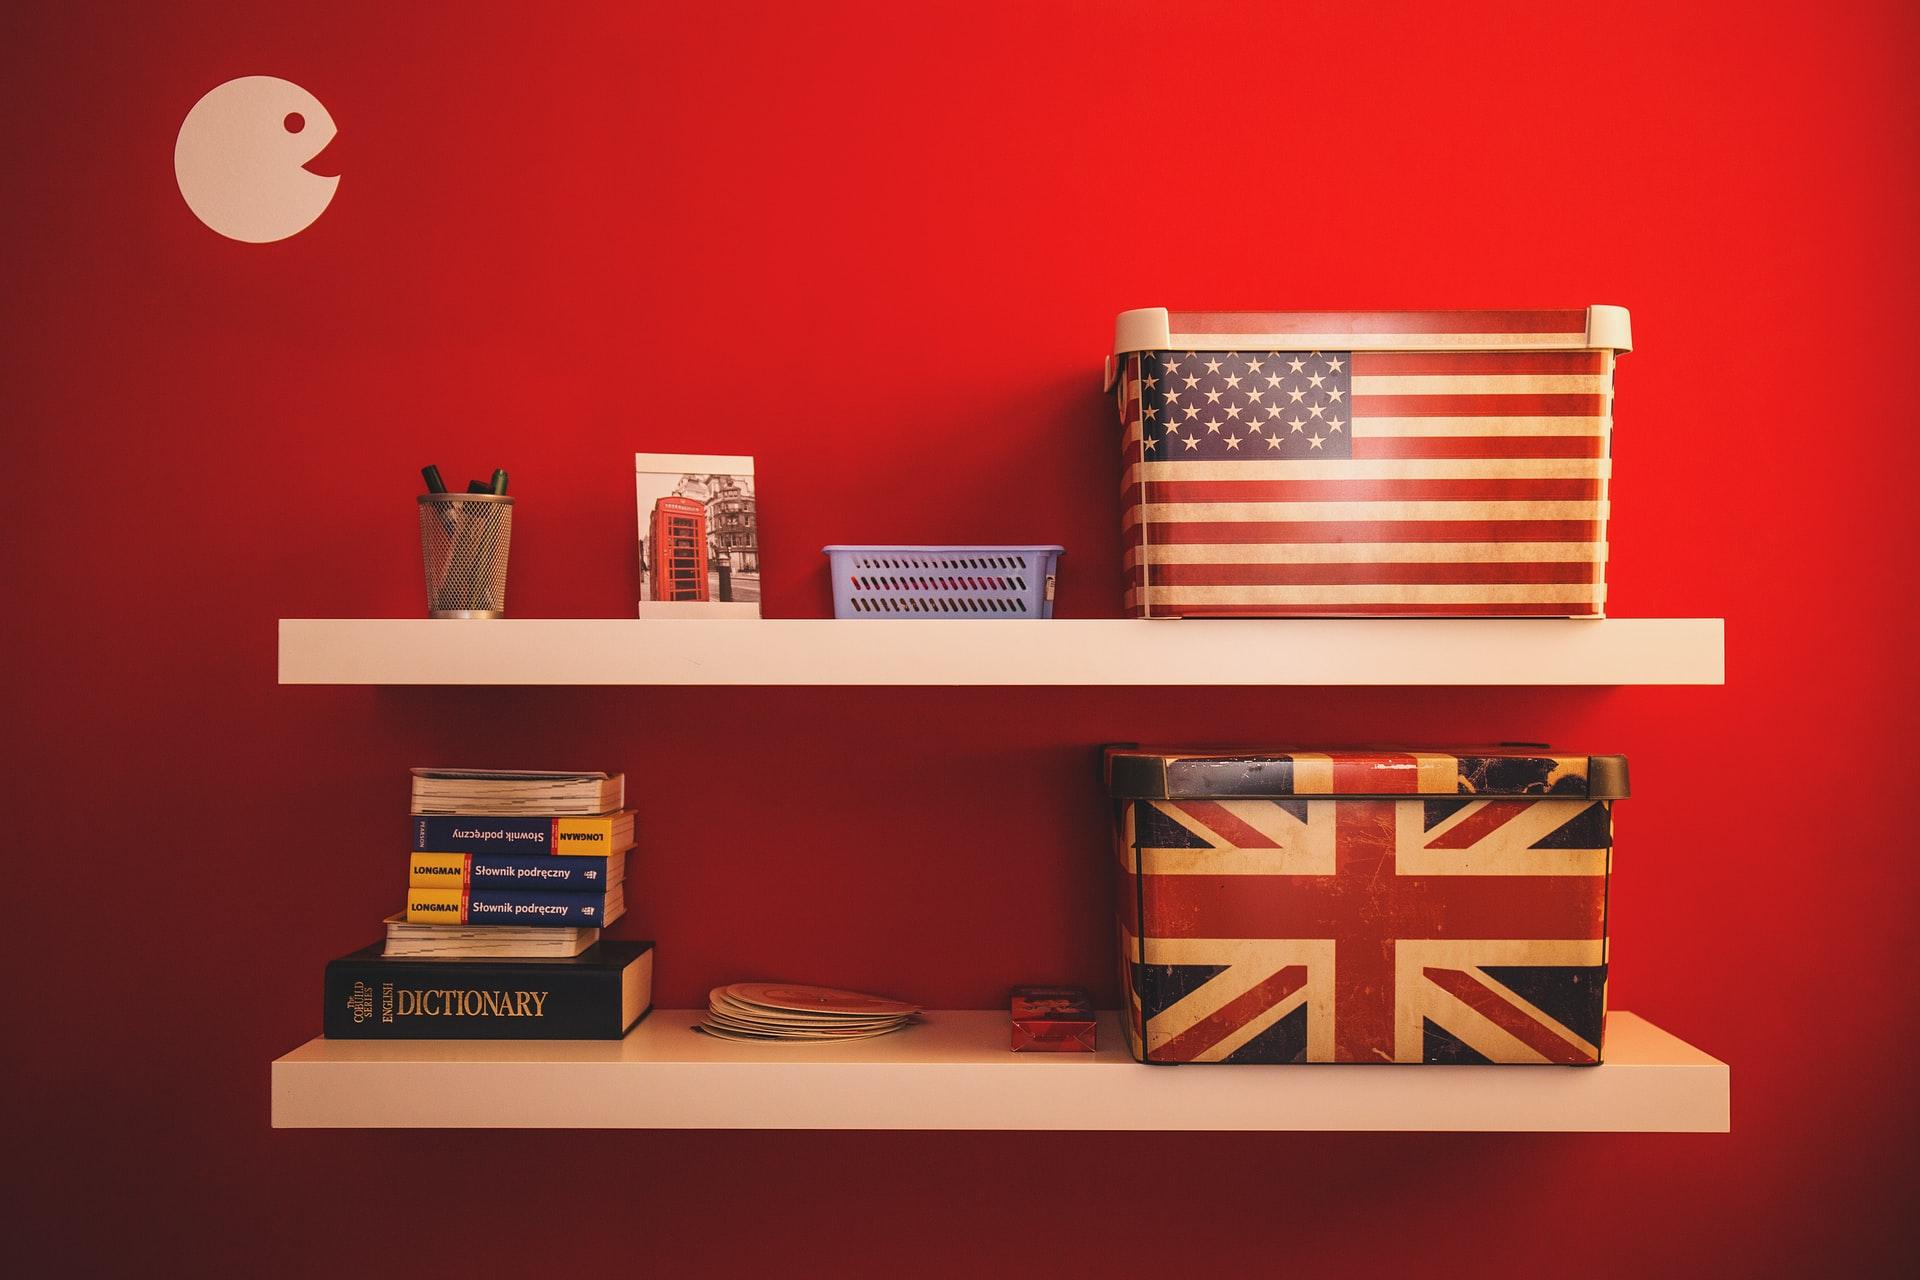 Diferencias entre el vocabulario US y GB